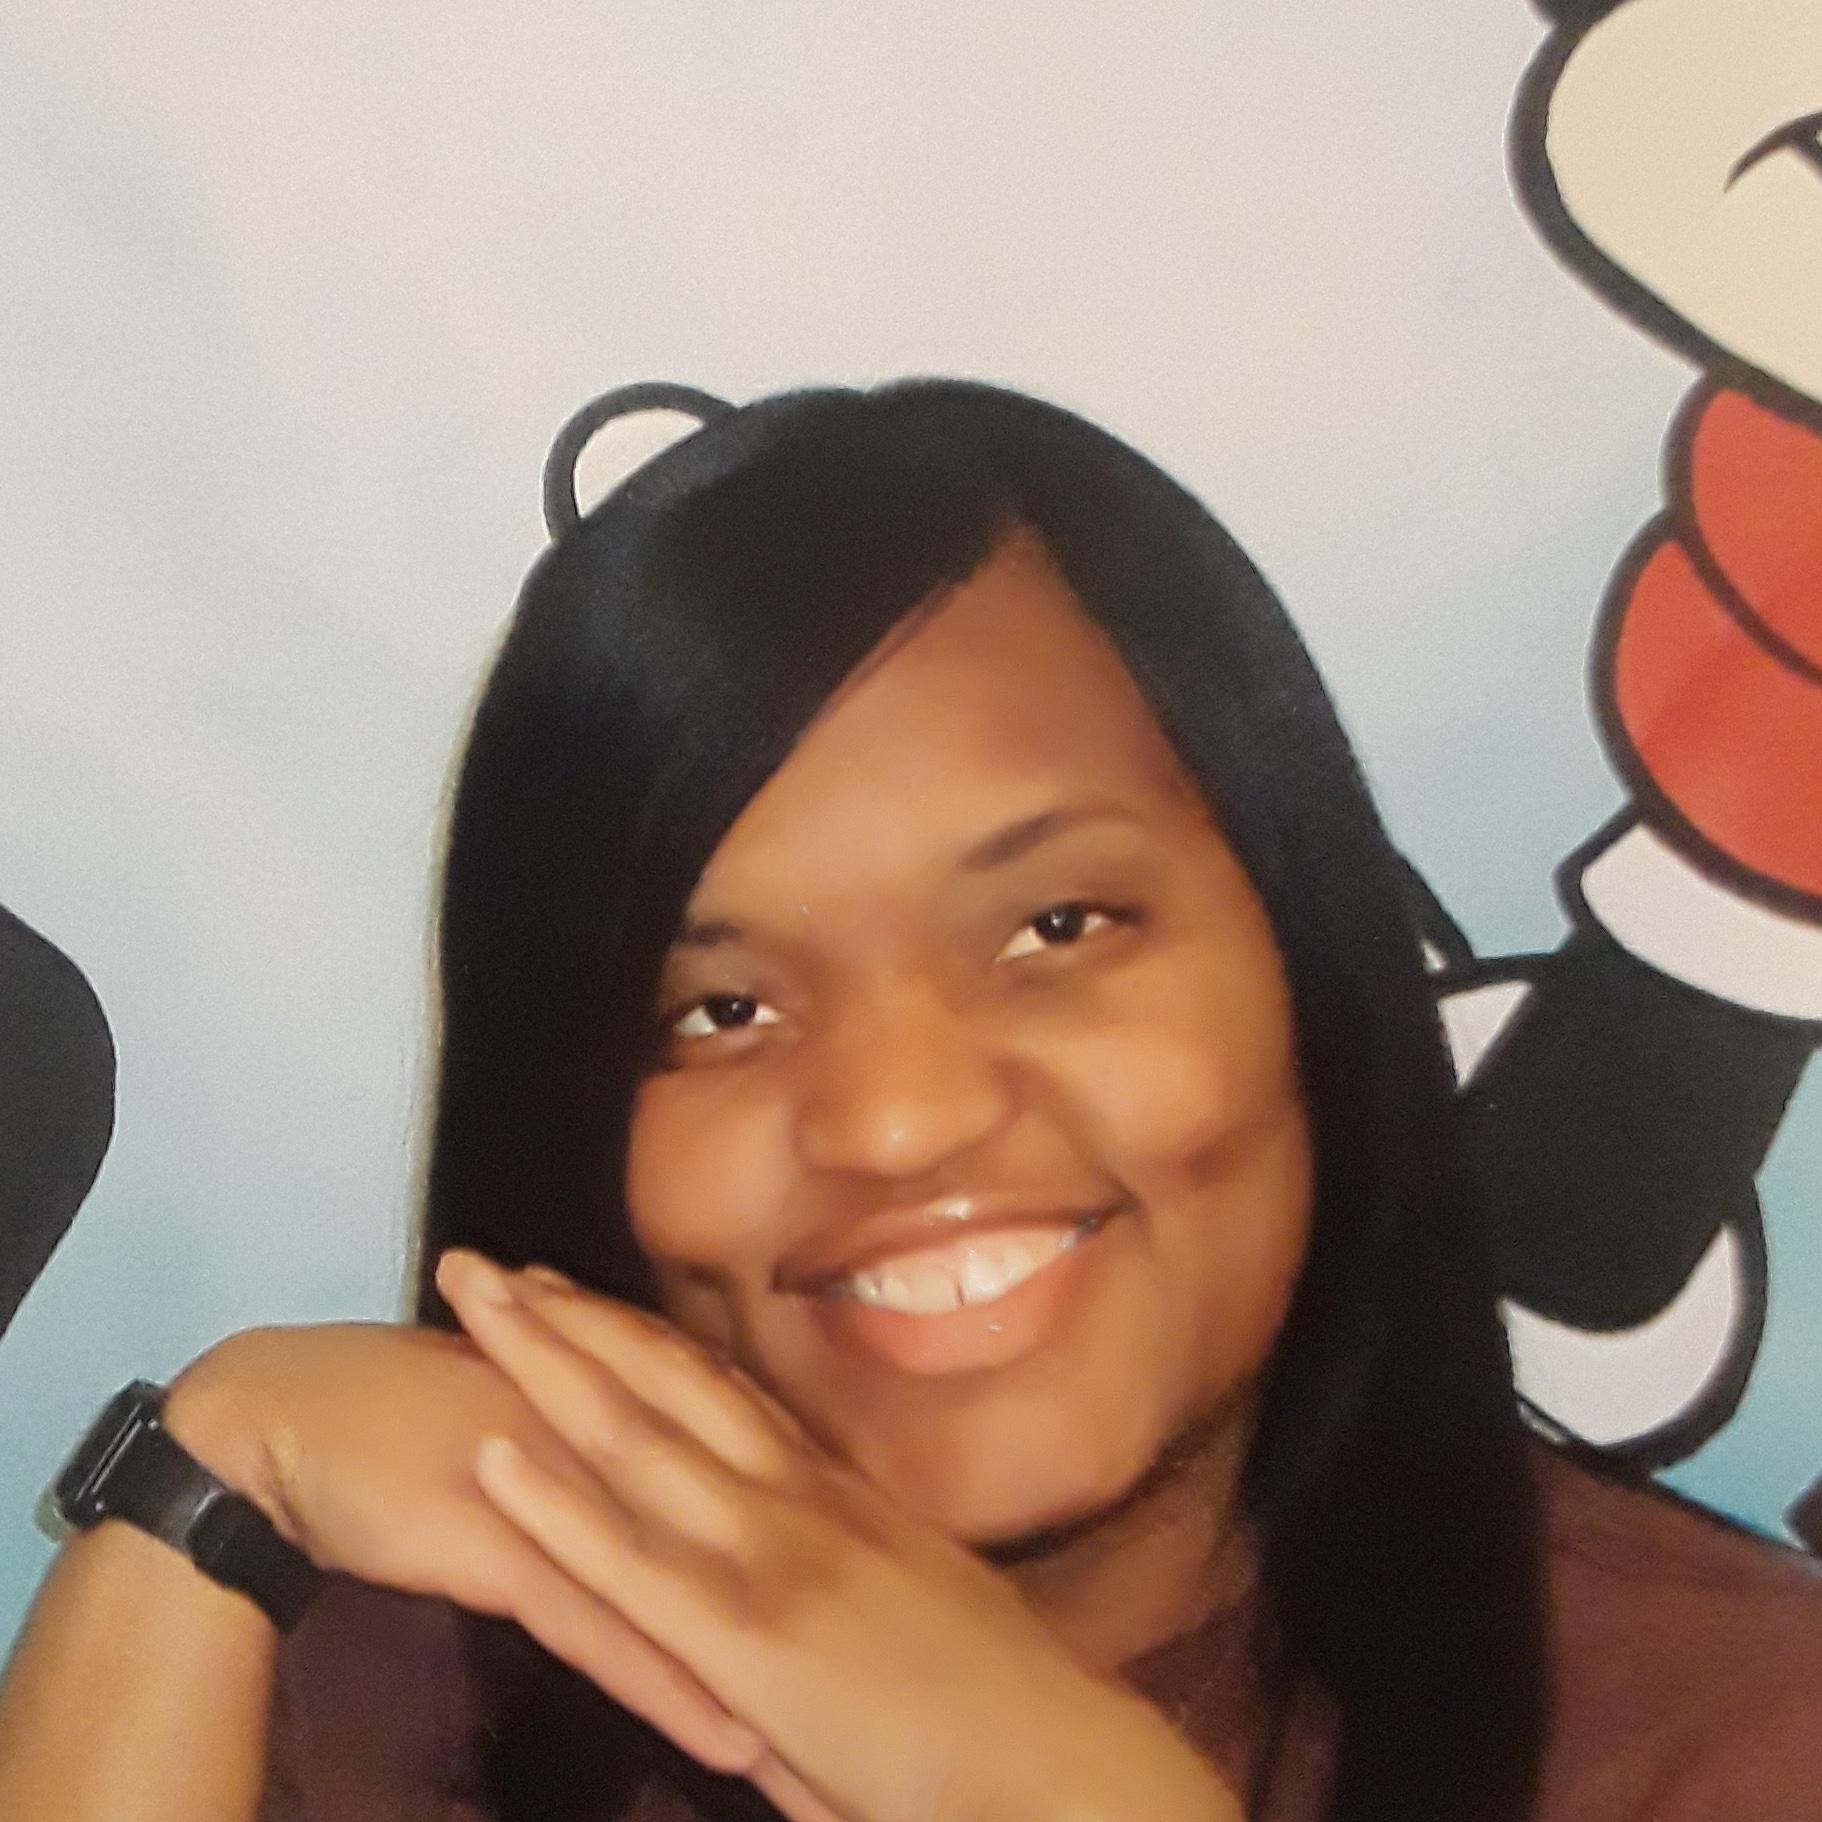 Kyra Clardy